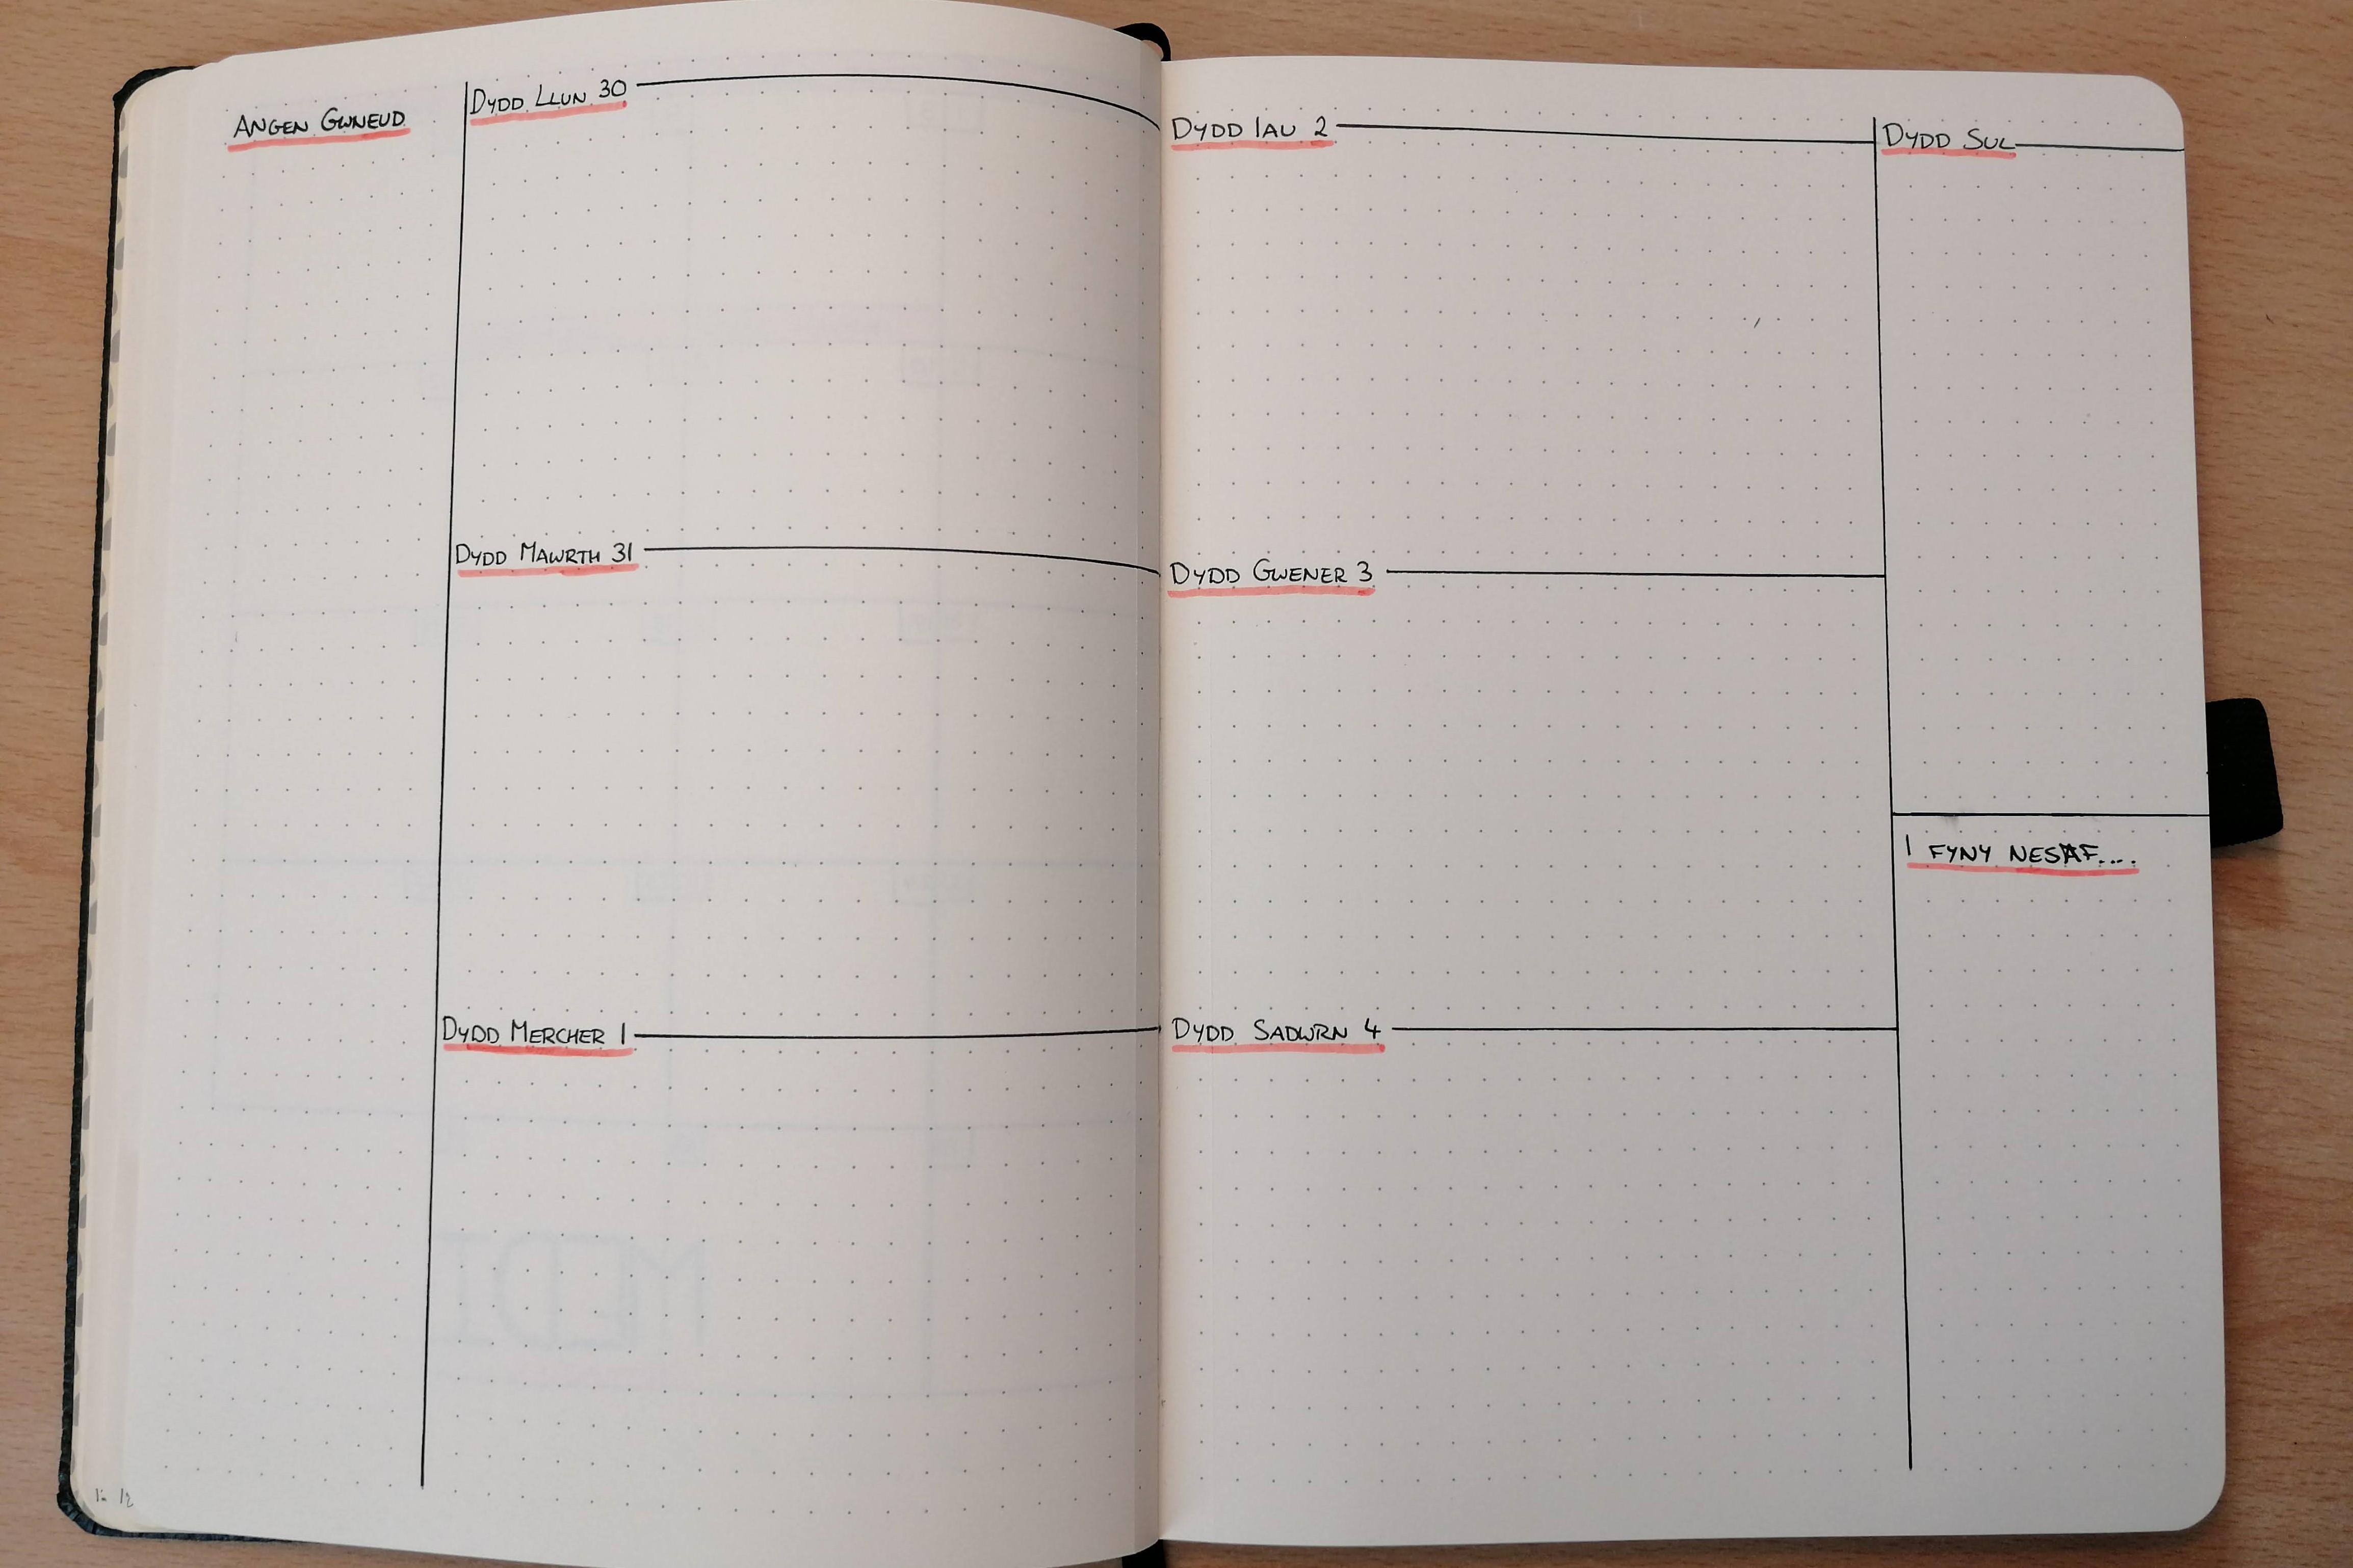 bullet journal week tracker